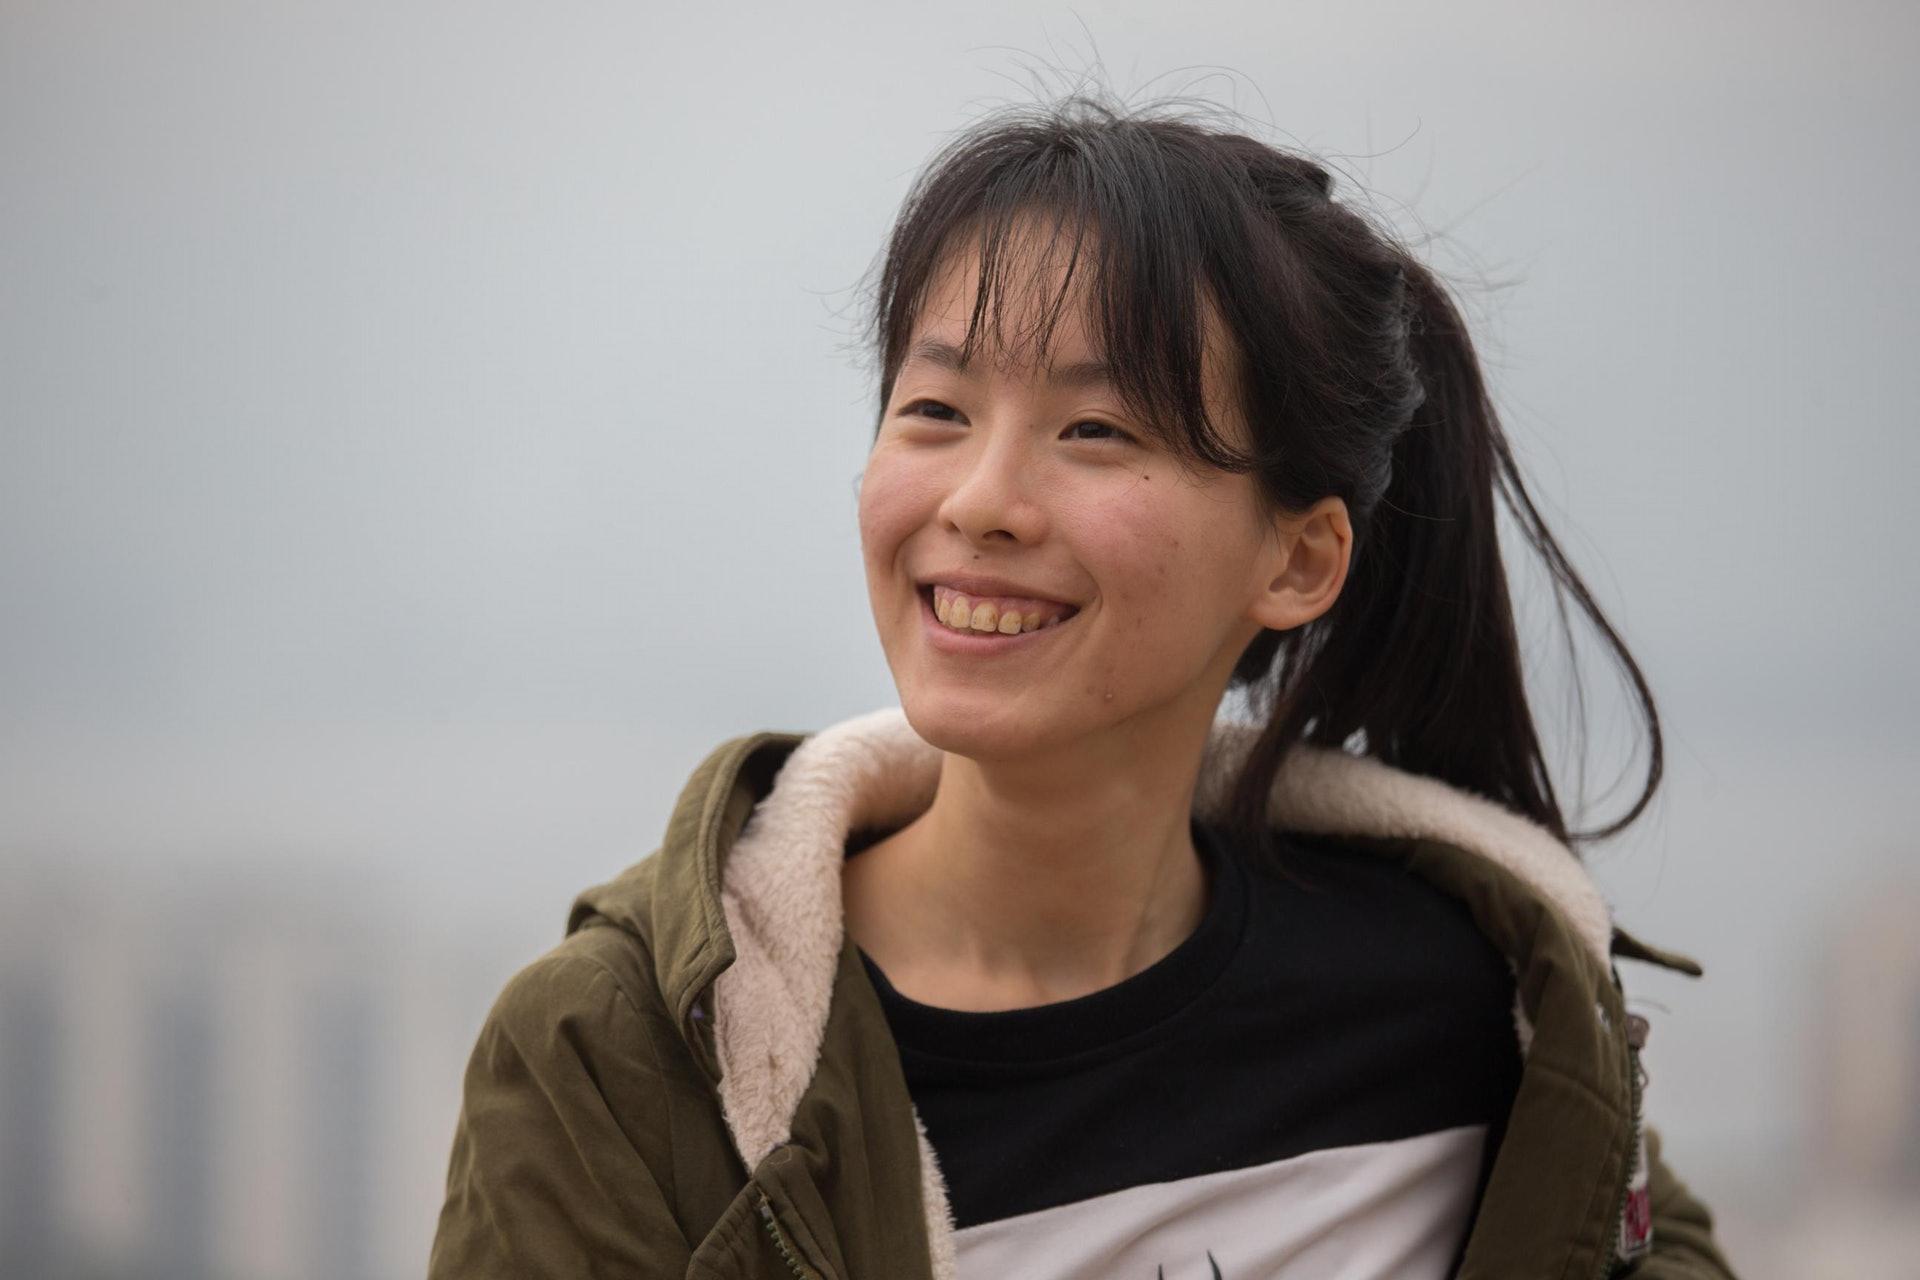 中文系三年級學生呂瑋珊首次行山,便已征服鳳凰山。(梁鵬威攝)